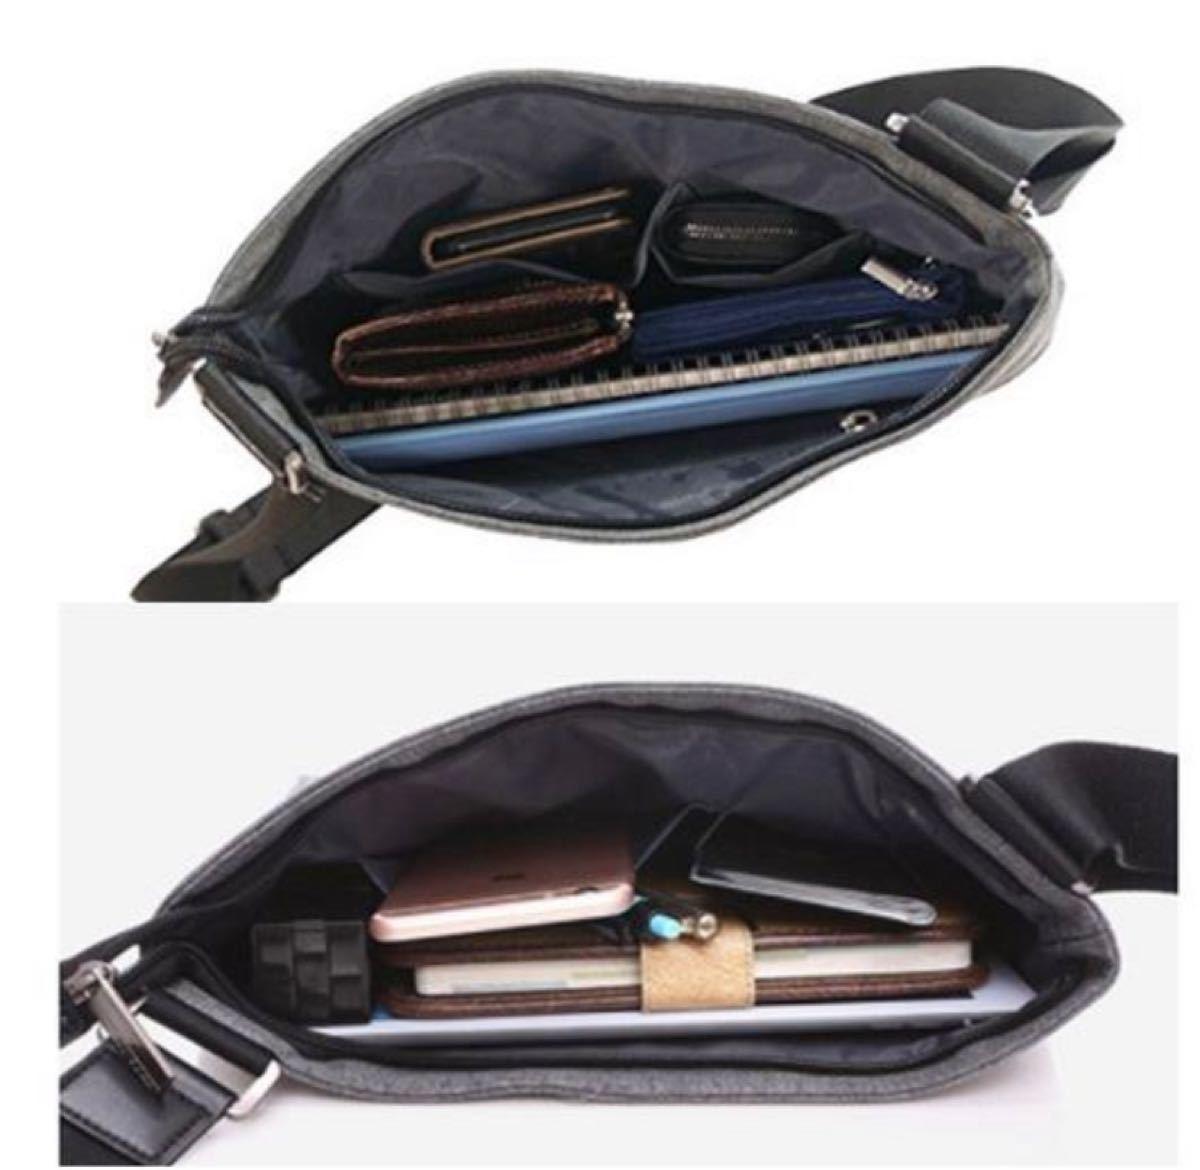 メンズ シンプル グレー ショルダー 防水 軽量 メッセンジャー バッグ メンズバッグ ショルダーバッグ ボディバッグ